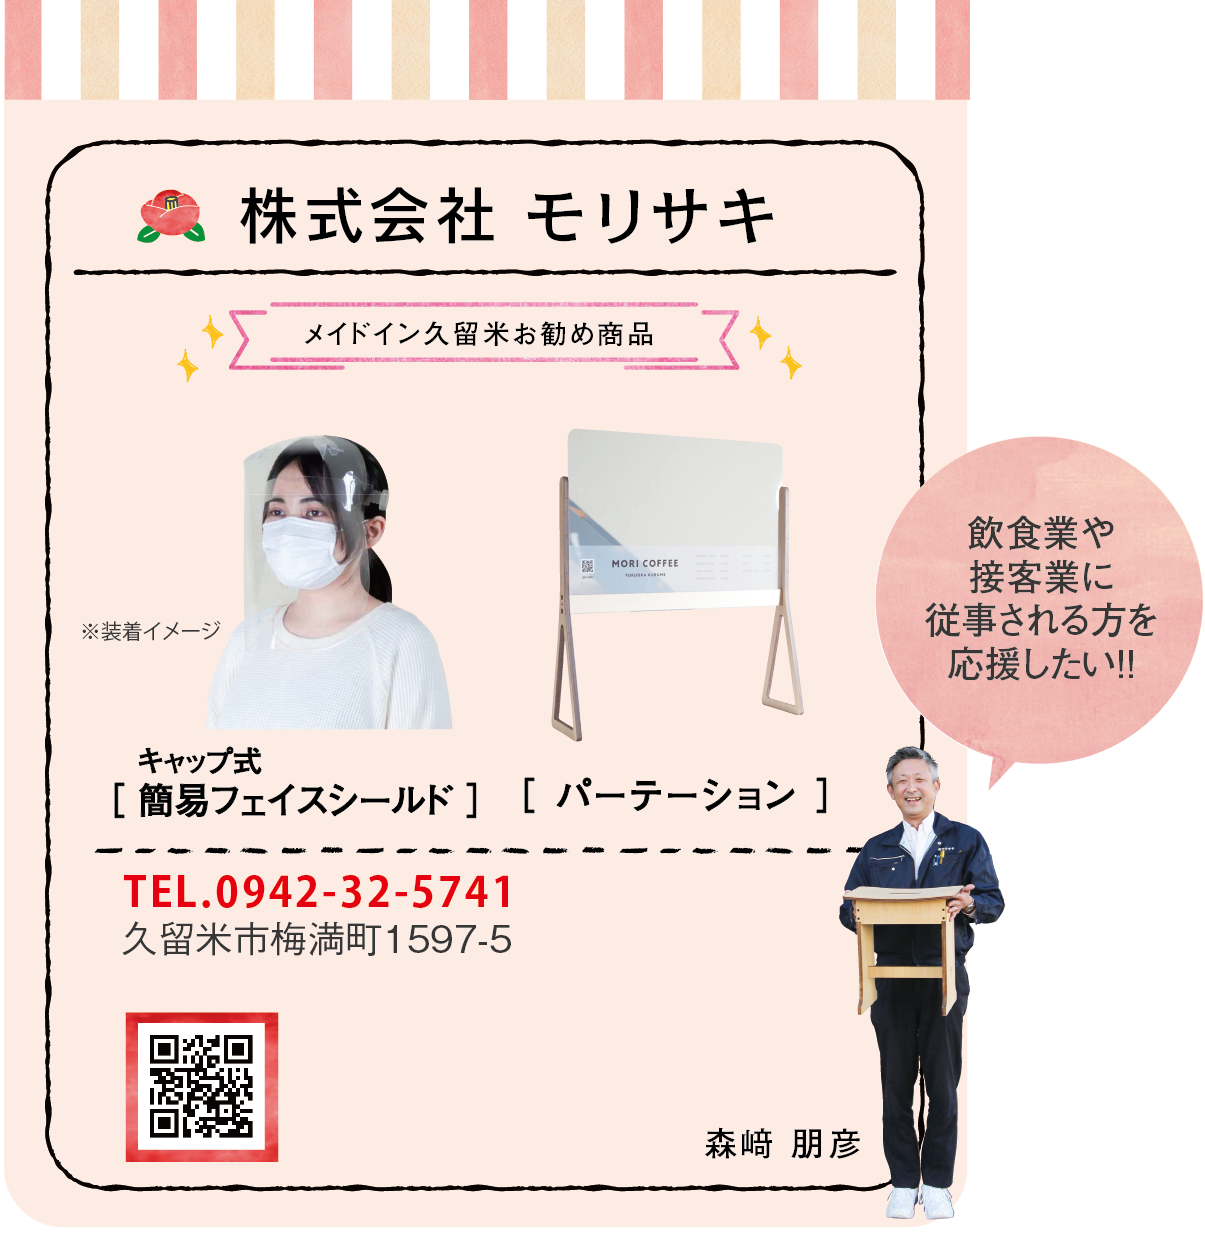 株式会社 モリサキ